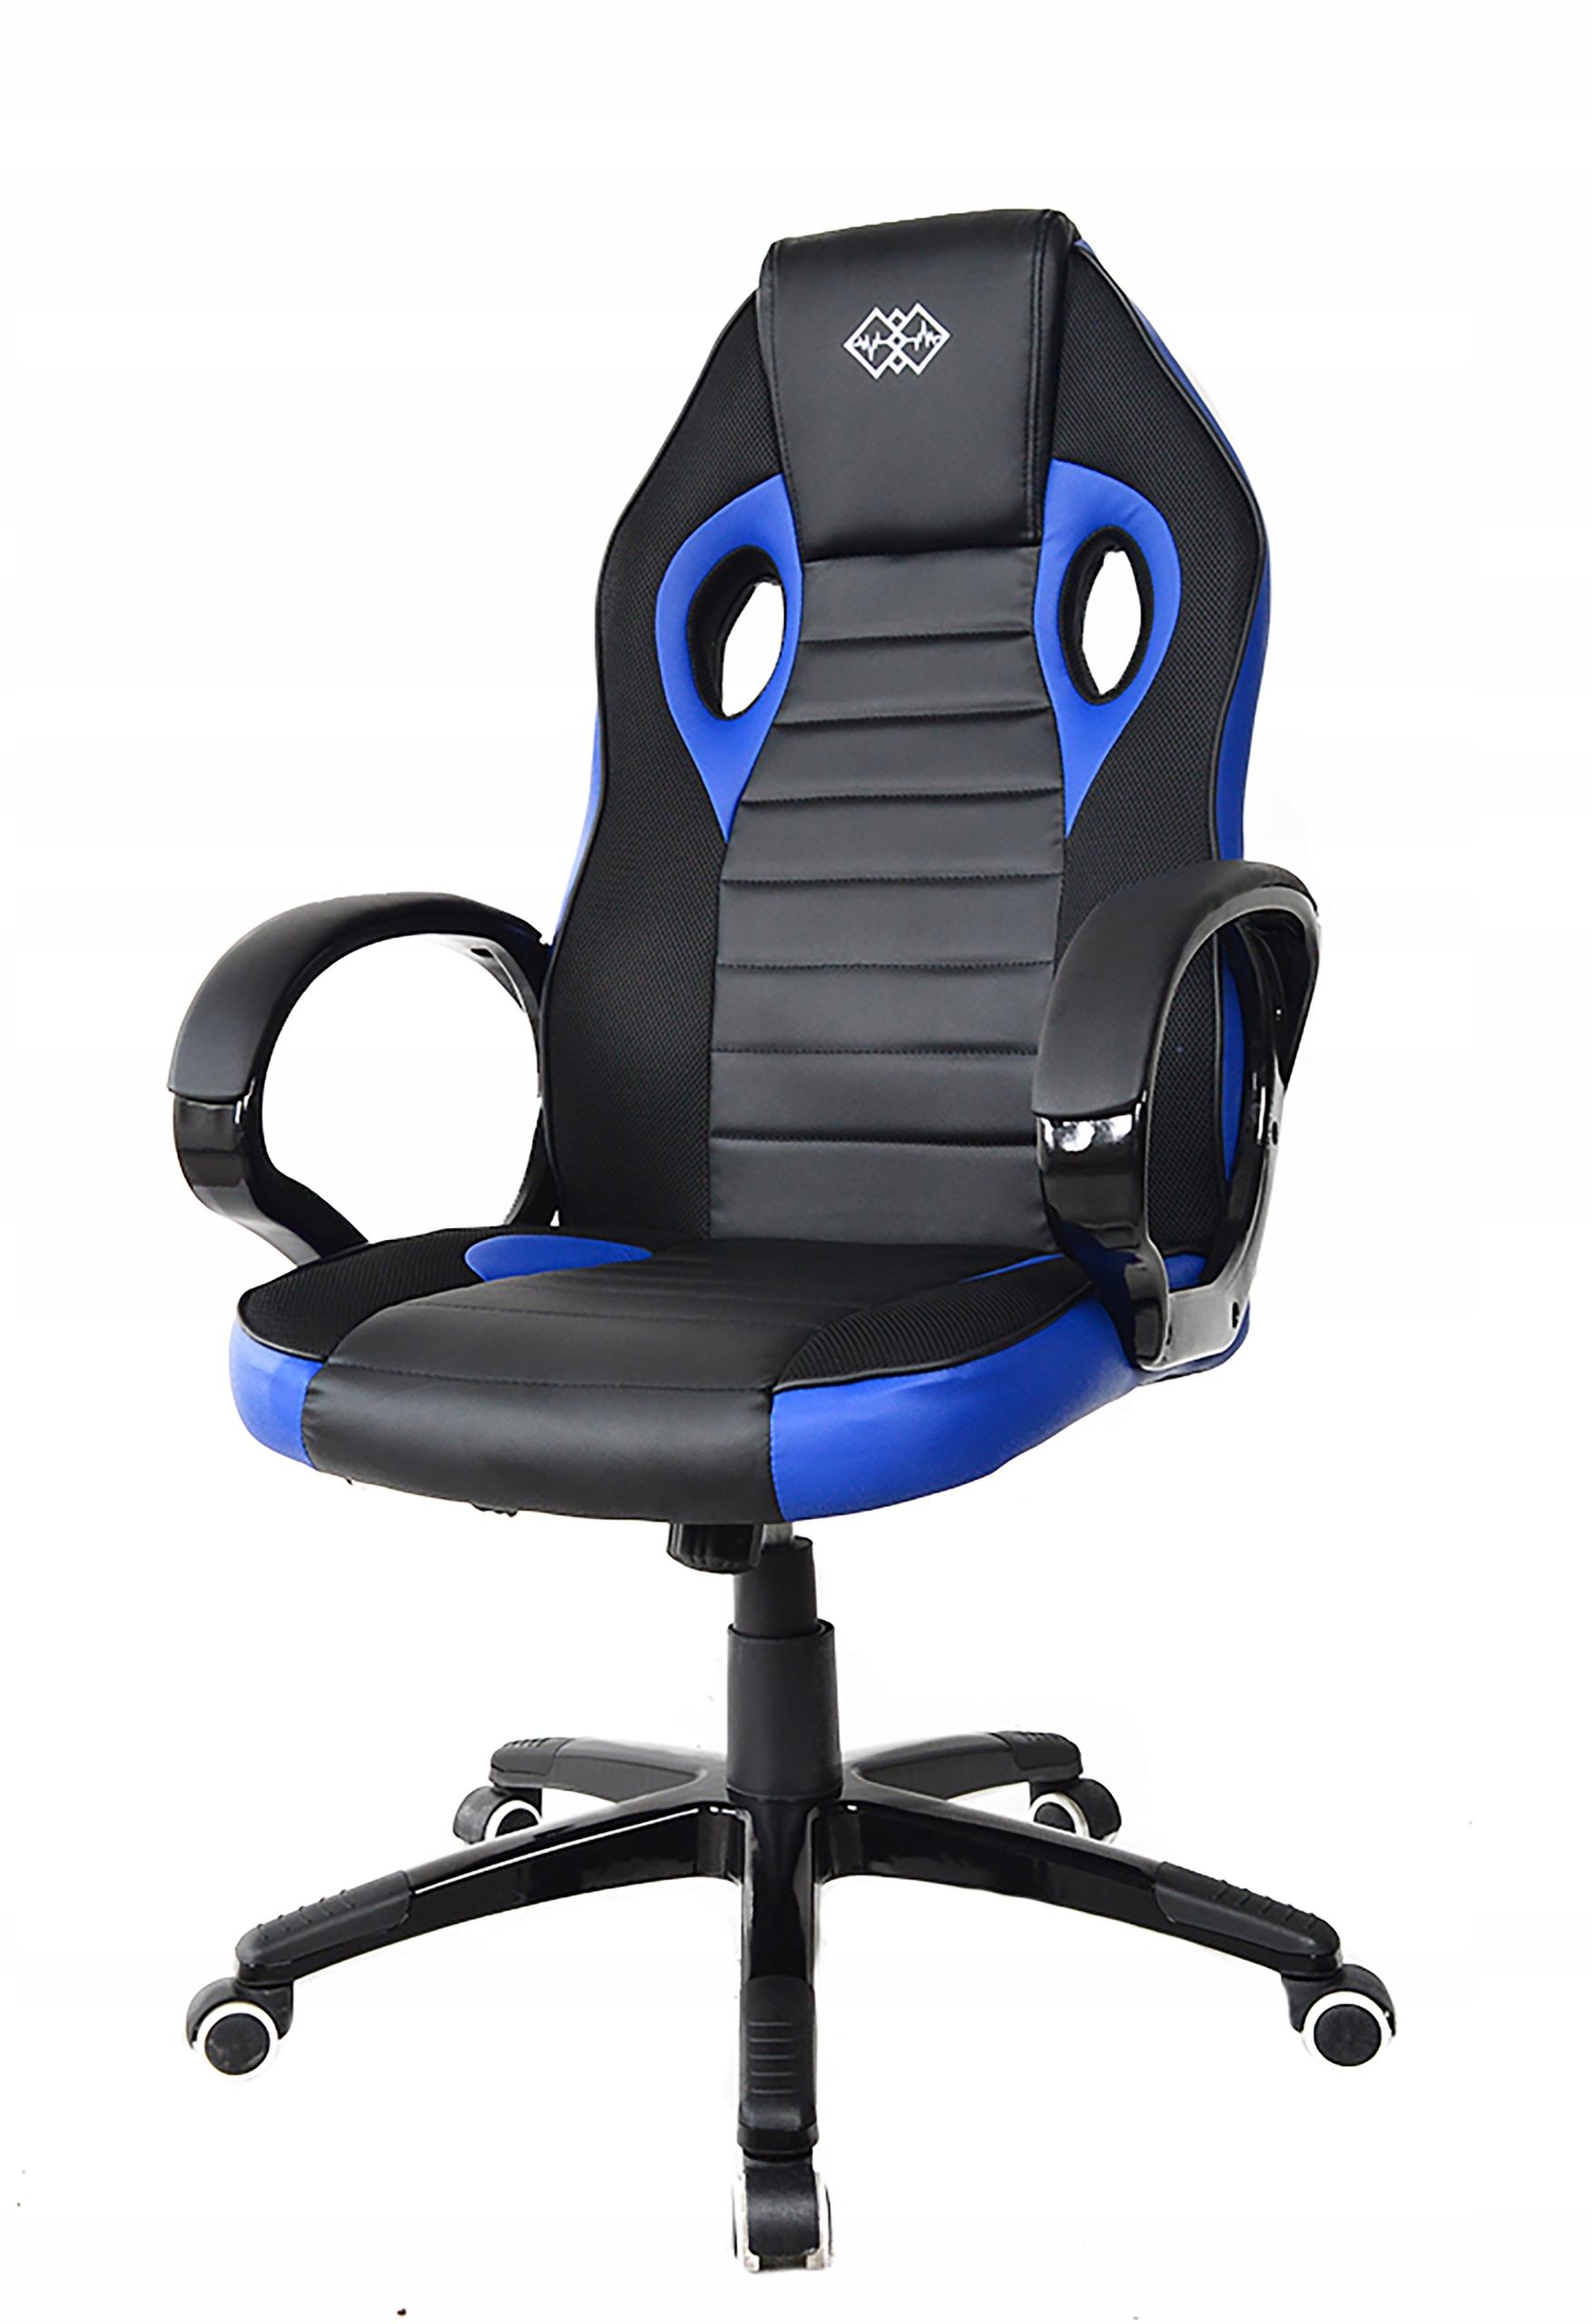 Поворотное игровое кресло премиум-класса для игрока. Максимальная нагрузка 120 кг.